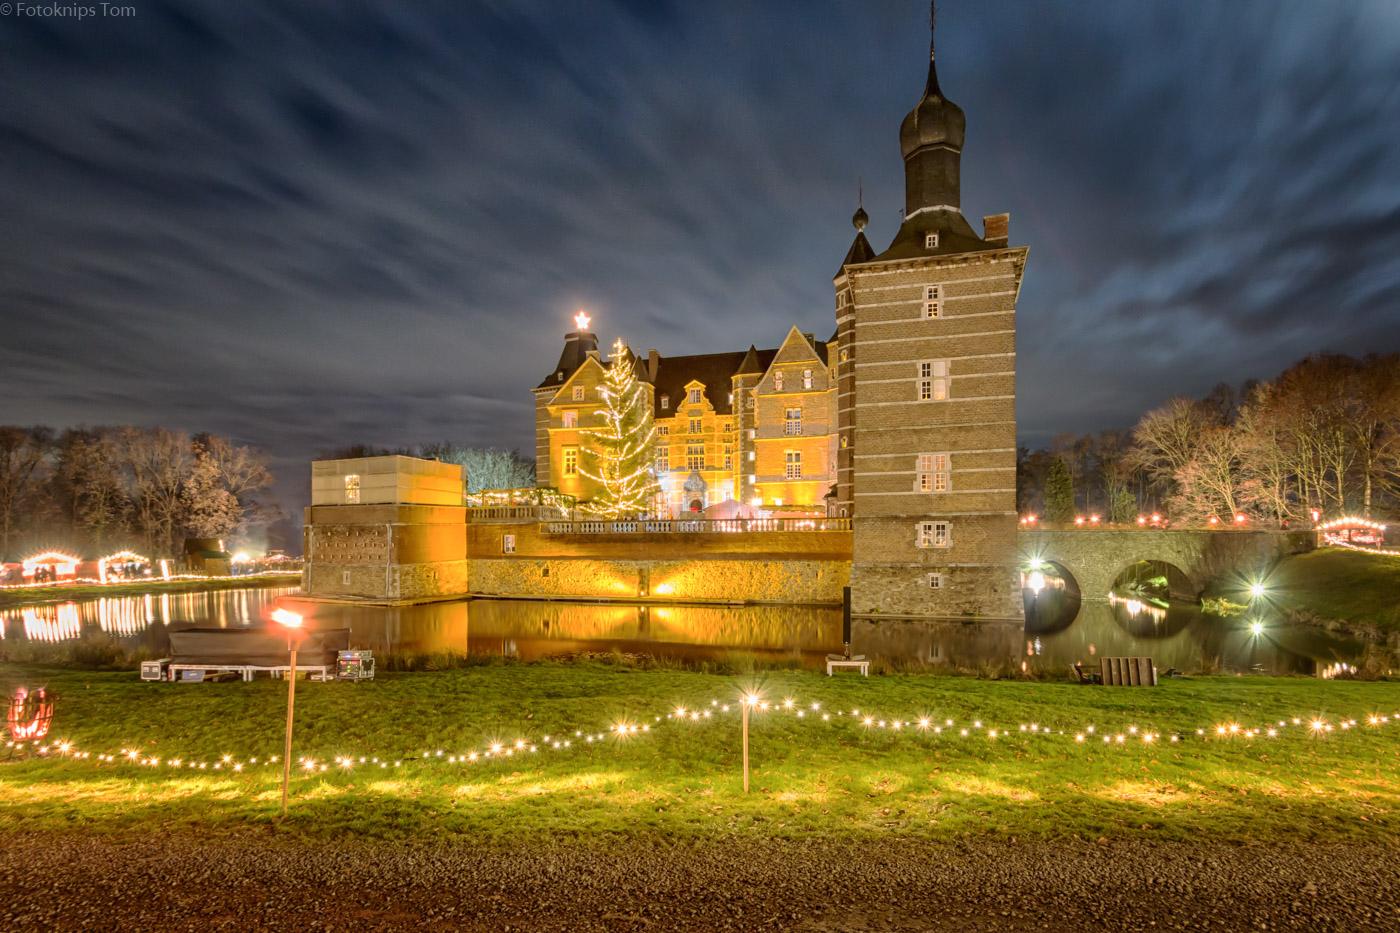 Weihnachtsmarkt Schloss Merode.Weihnachtsmarkt Schloß Merode Foto Bild Weihnachtsmarkt Merode